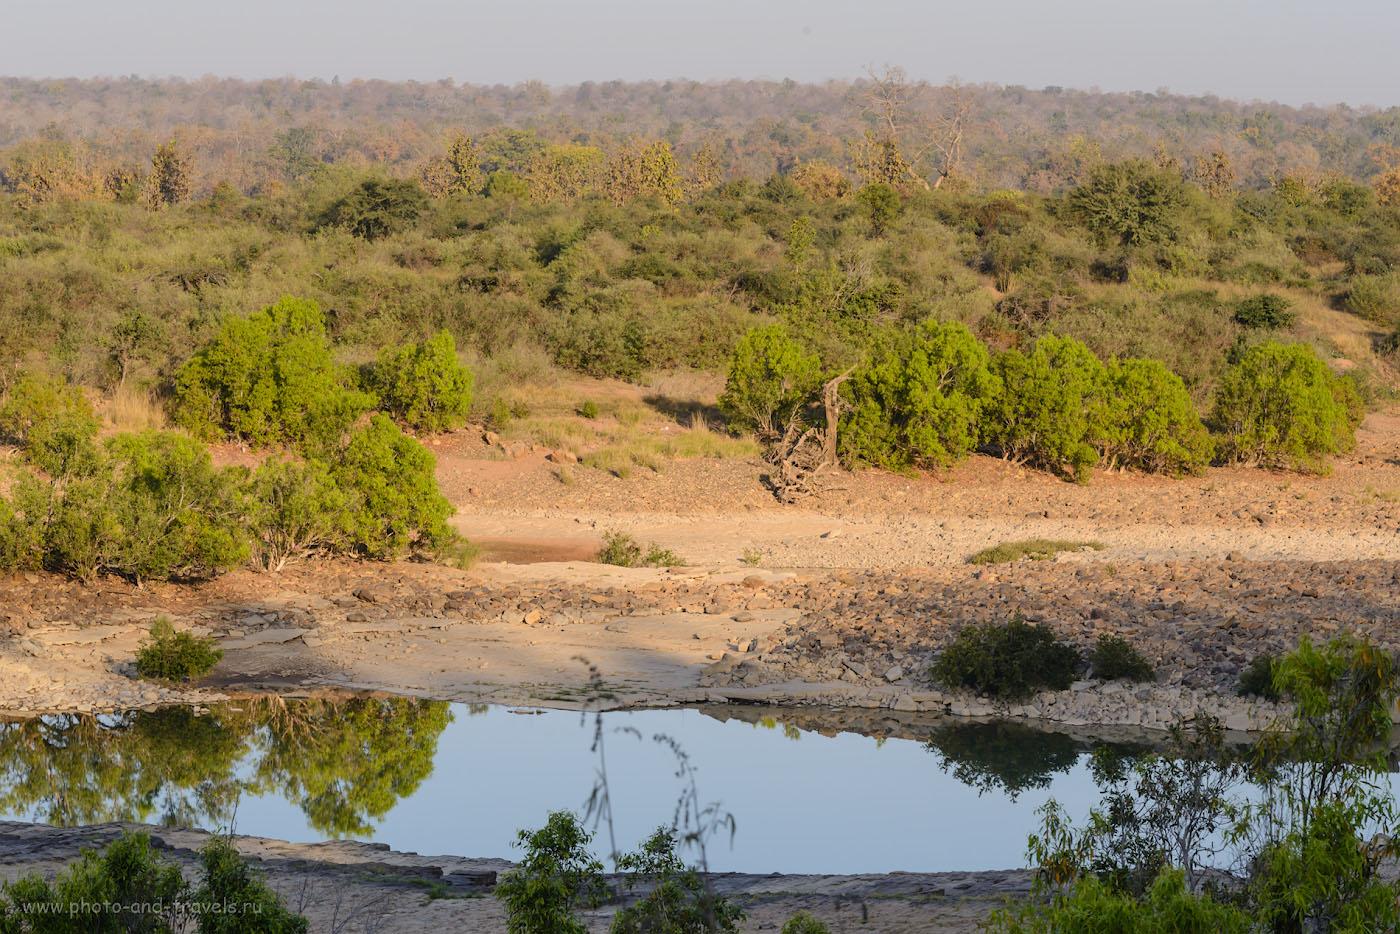 Фотография 10. Где-то на том берегу, спрятанный в густой растительности, смотрит на тебя, читатель, бенгальский тигр. Заповедник Panna National Park. 1/250, 13.0, 450, 116.